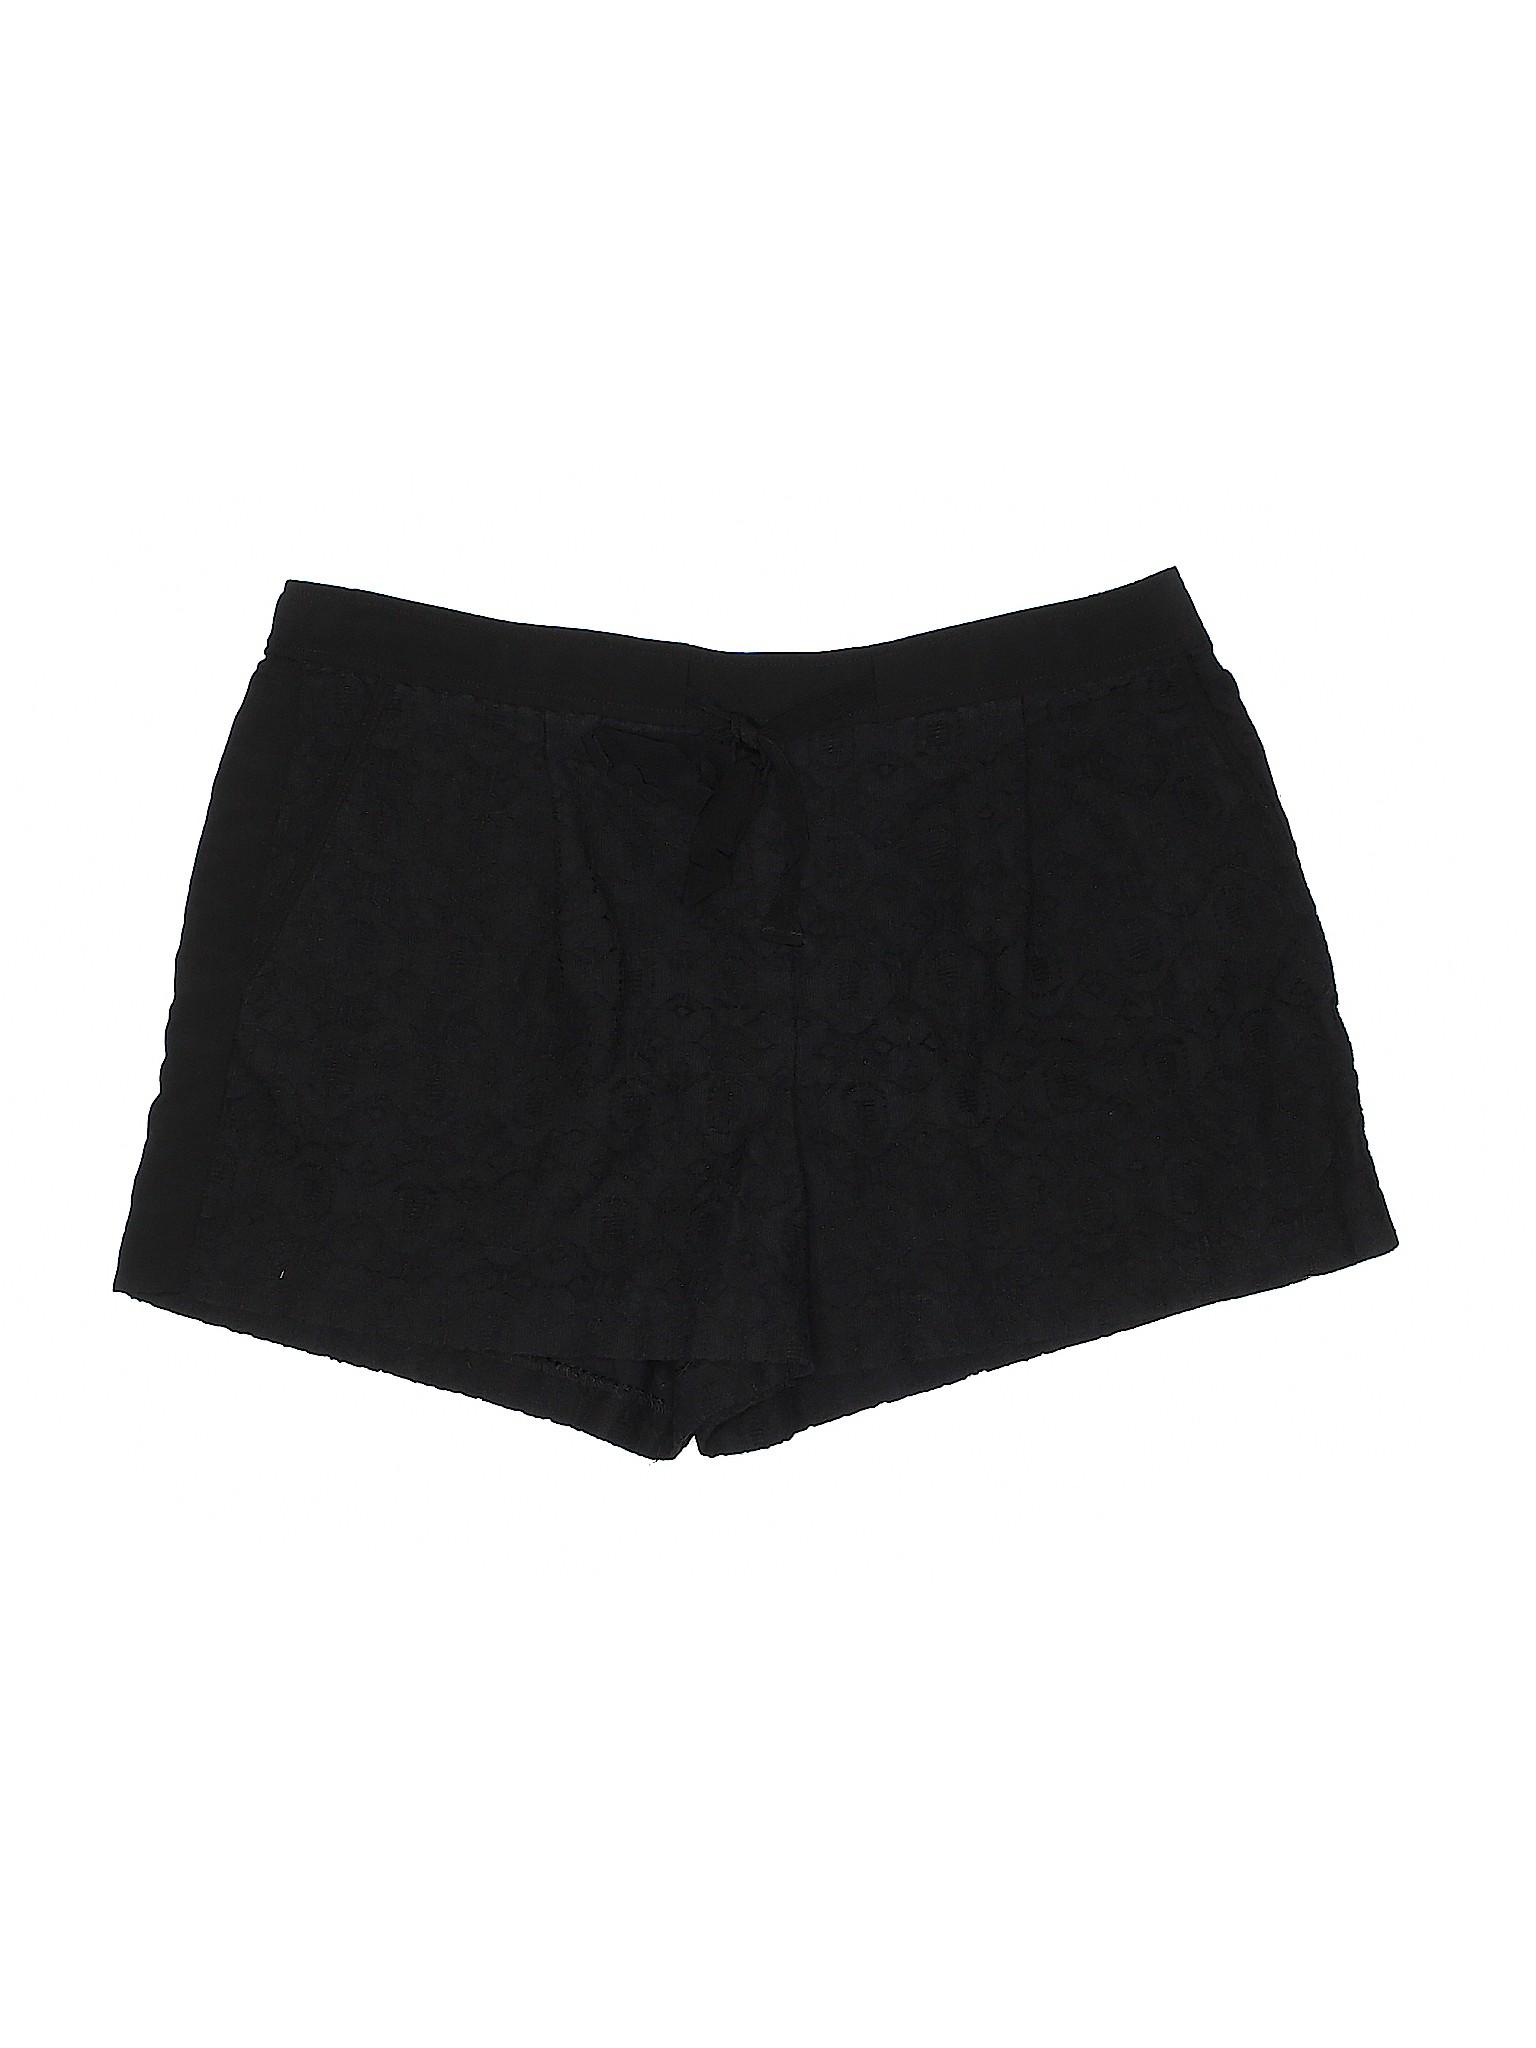 Boutique Shorts Taylor Boutique Ann LOFT Ann TBwqg1F6xa